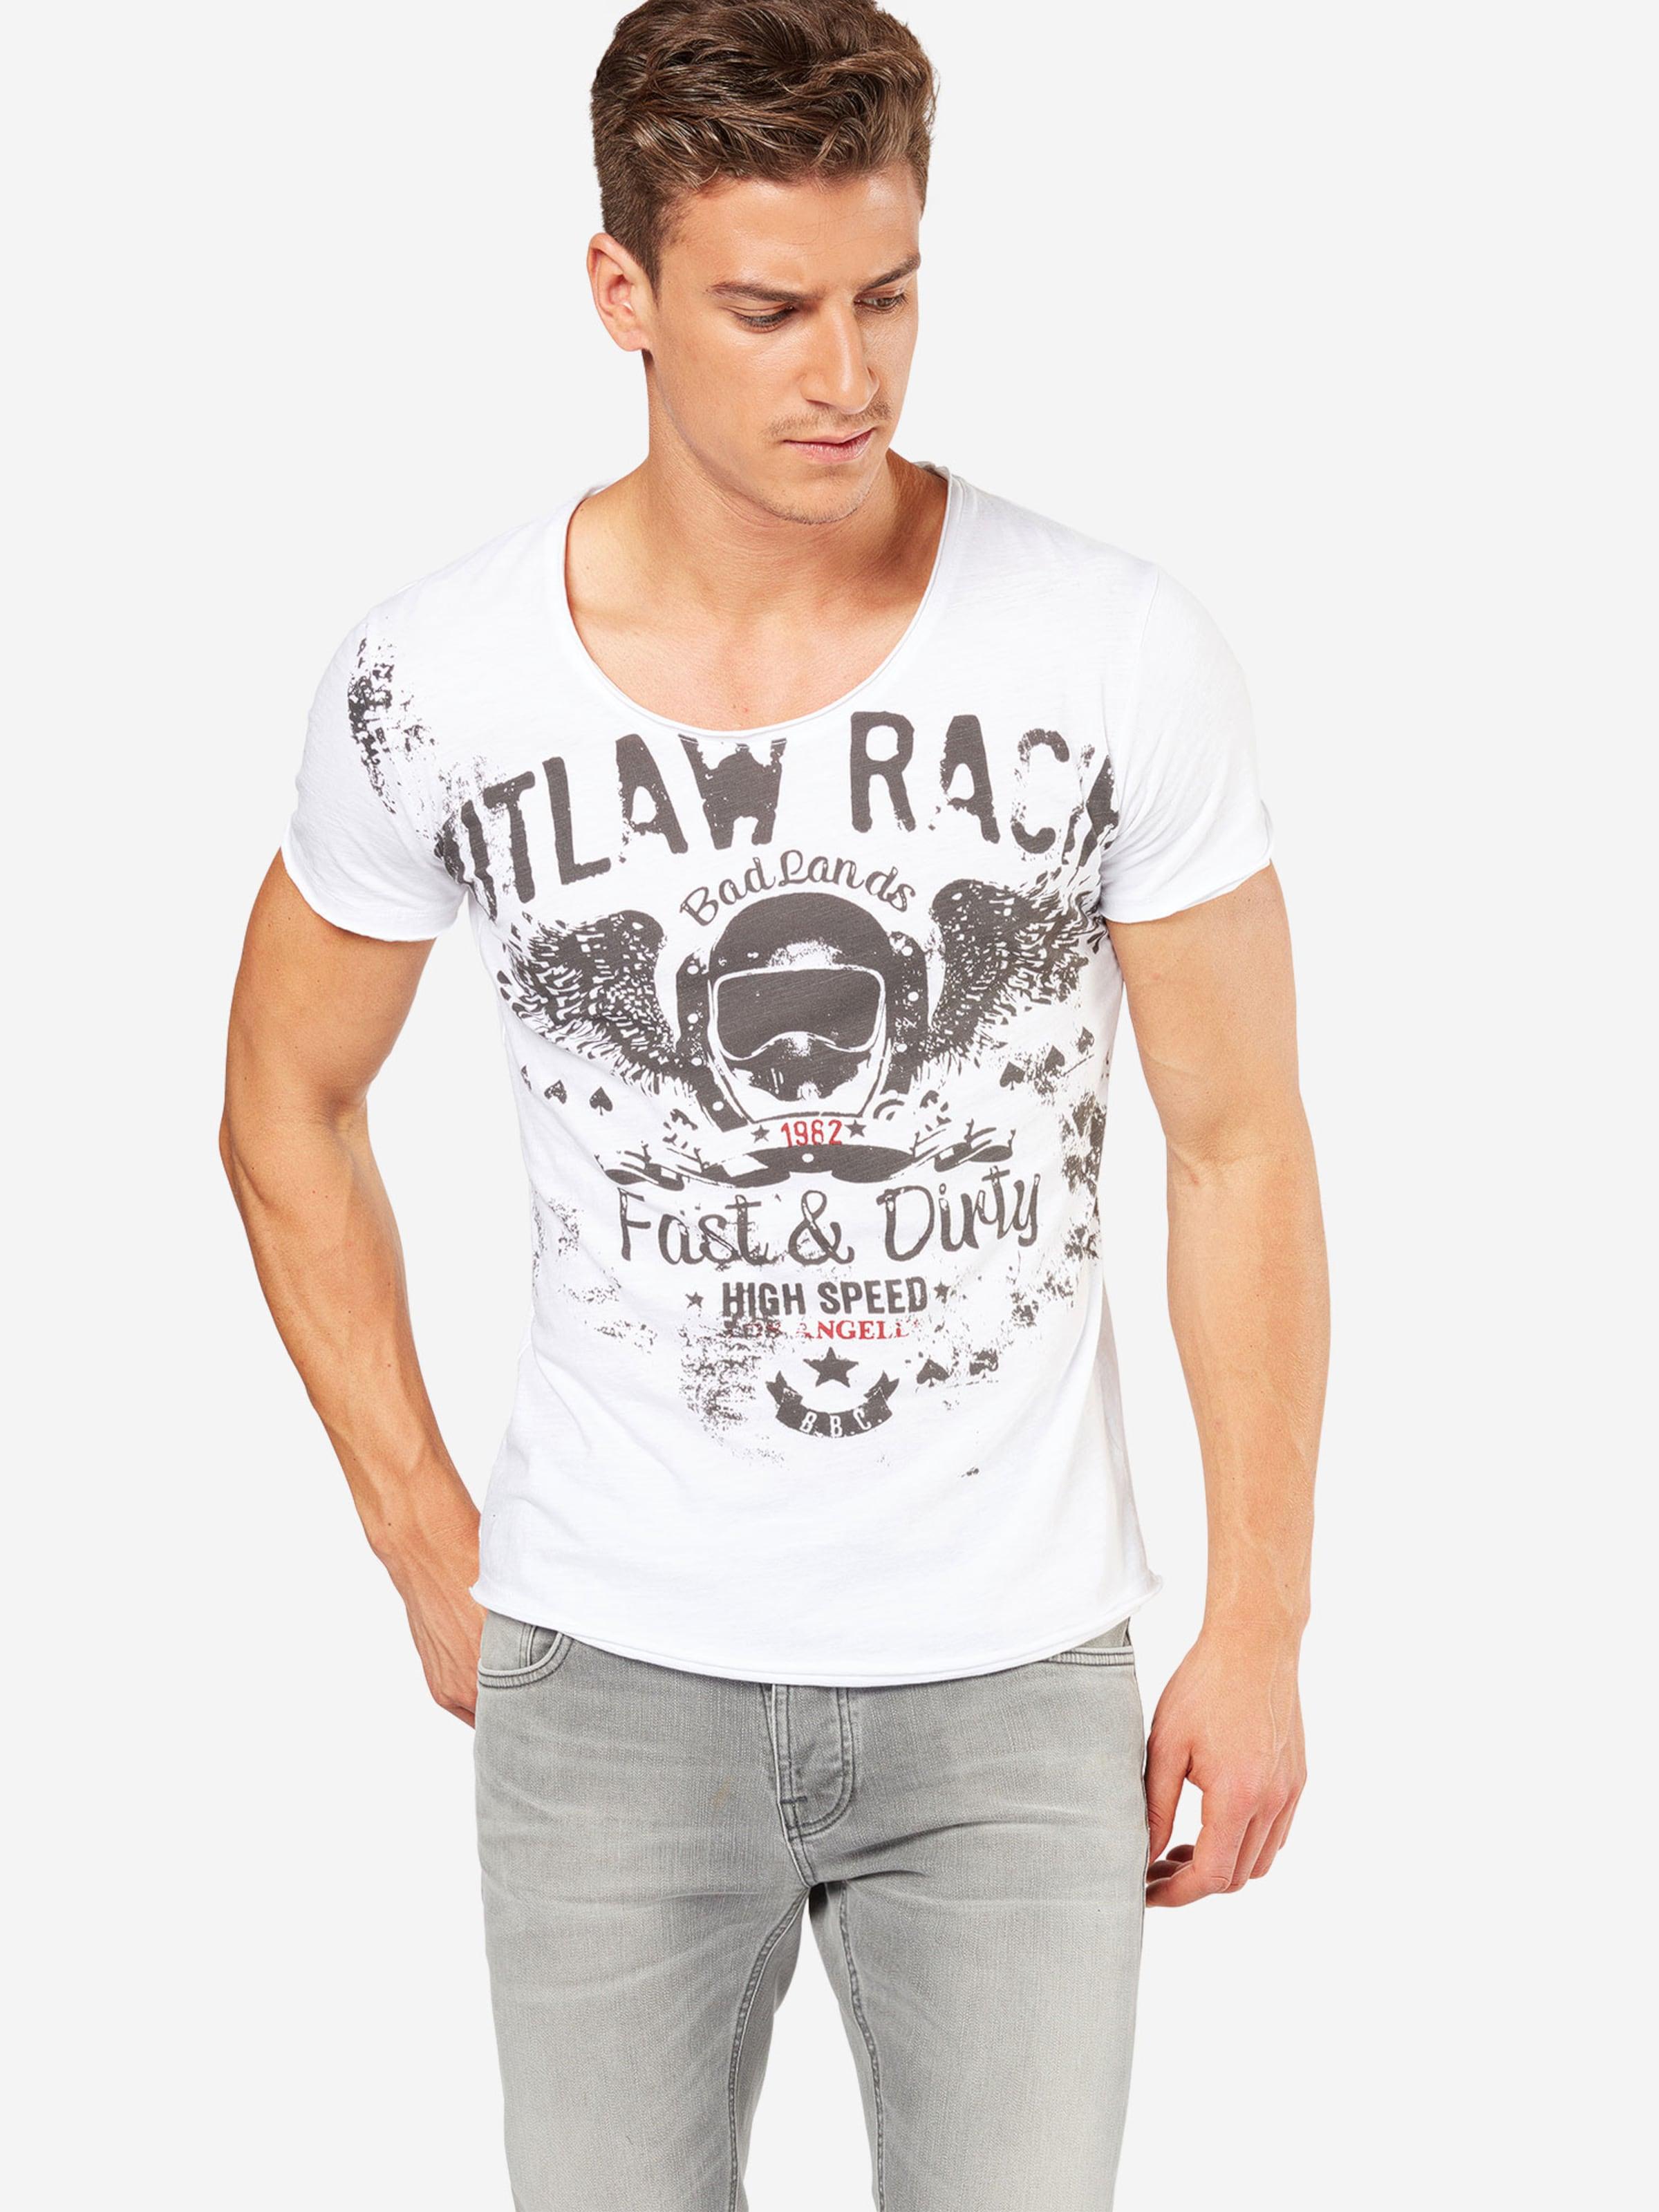 shirt T 'mt Largo AnthraciteJade Round' En Outlaws Key Fc3lJTK1